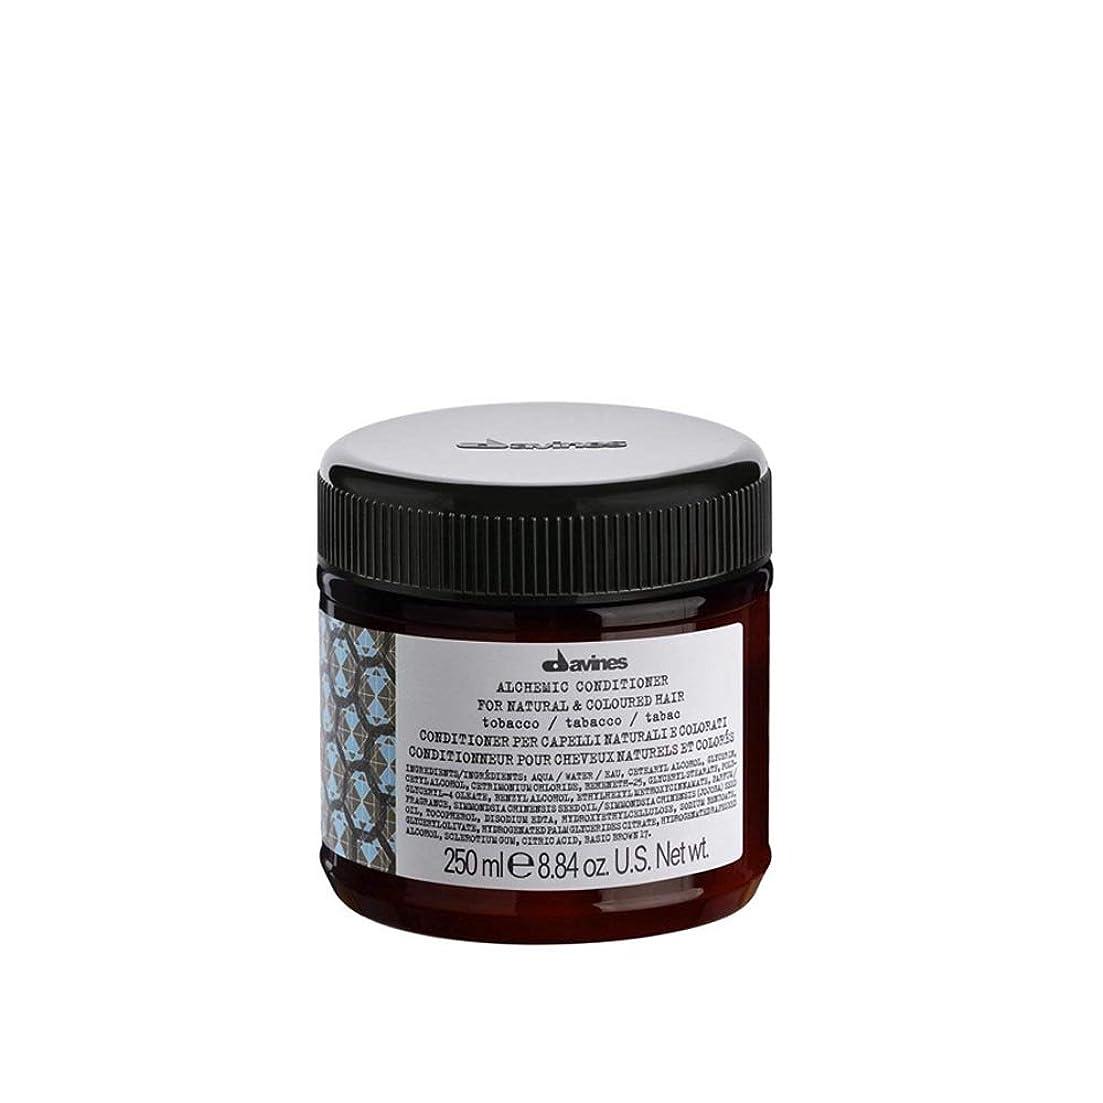 人間新聞怠けたダヴィネス Alchemic Conditioner - # Tobacco (For Natural & Coloured Hair) 250ml/8.84oz並行輸入品